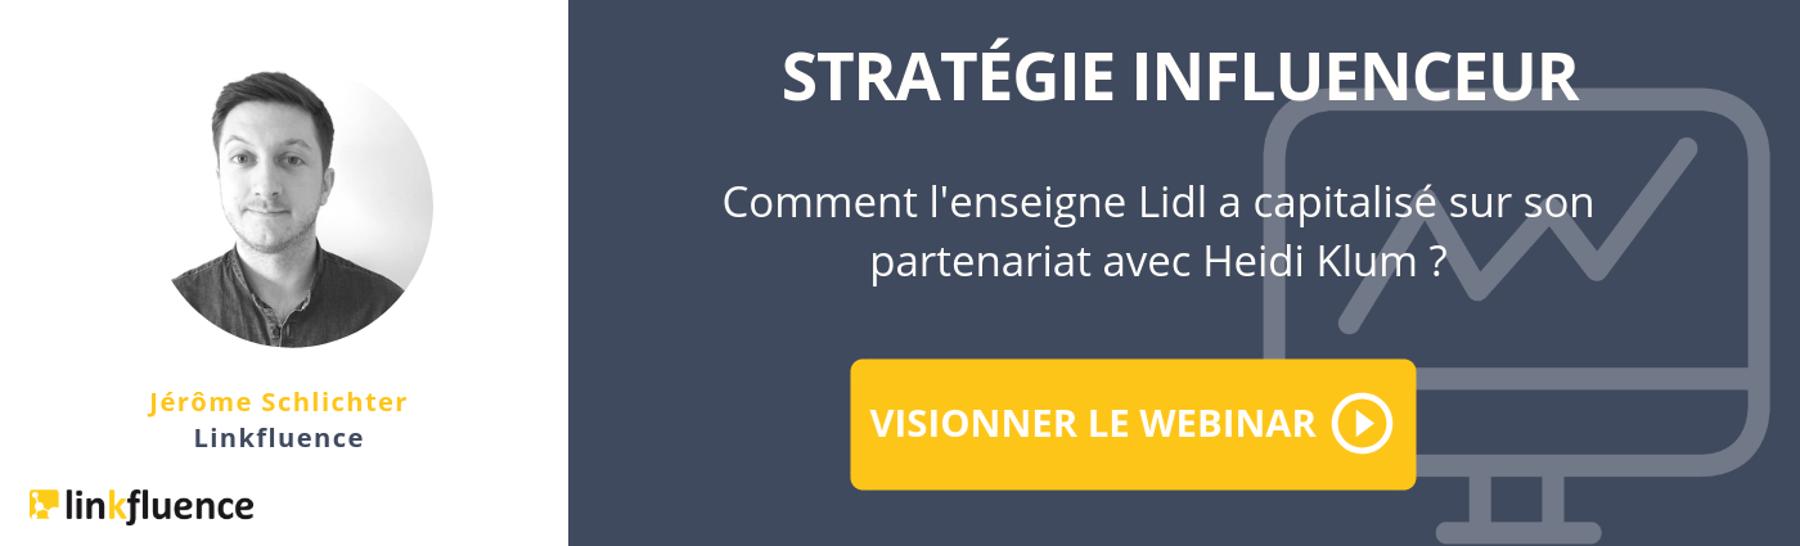 Webinar stratégie influenceur